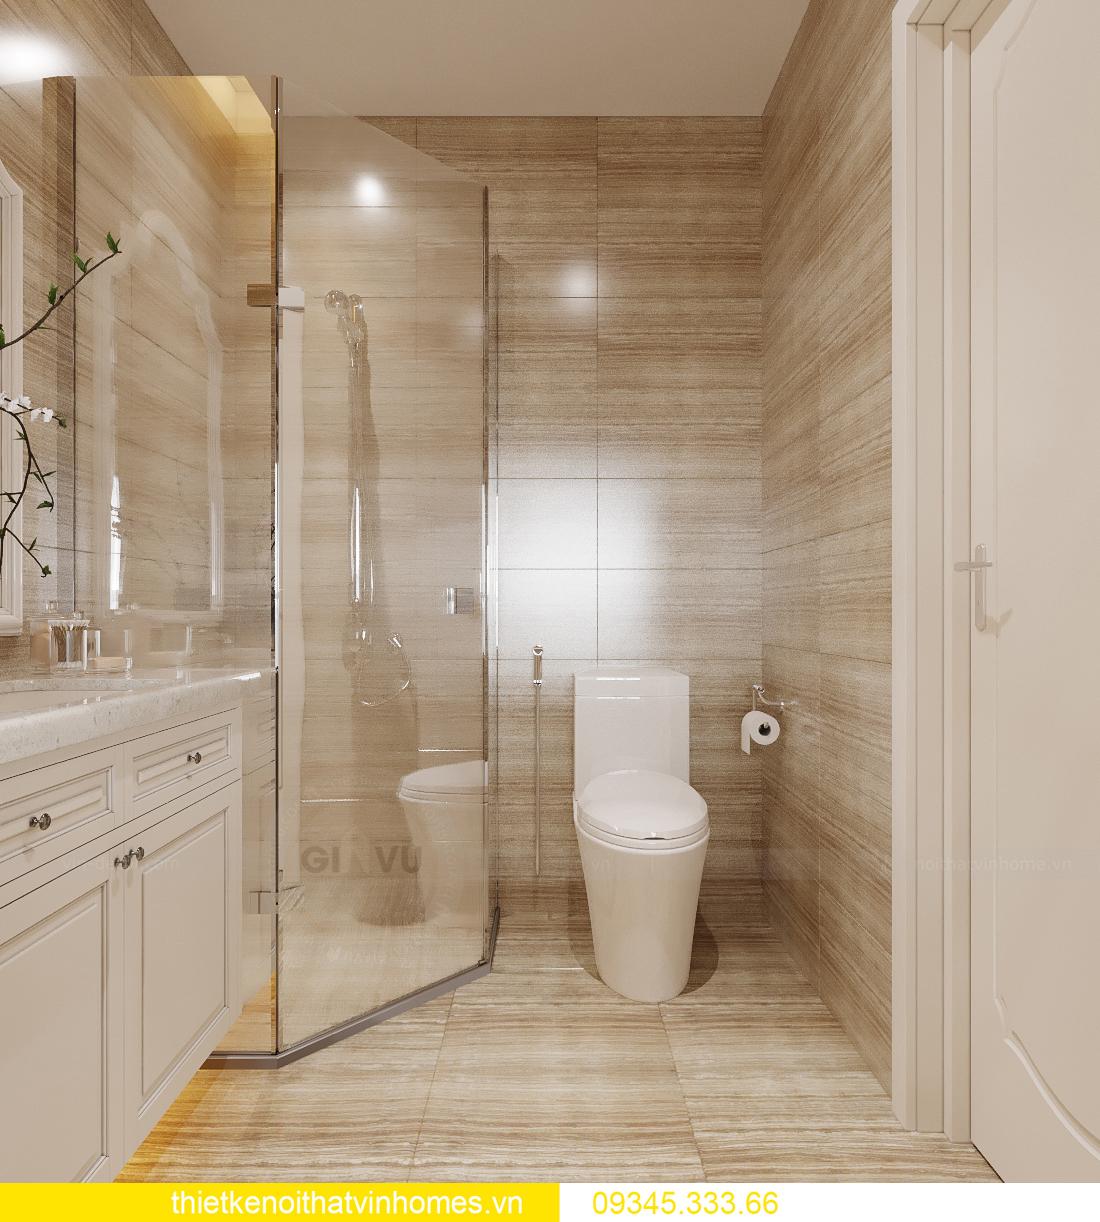 thiết kế nội thất căn hộ chung cư tân cổ điển nhà chị Như 11